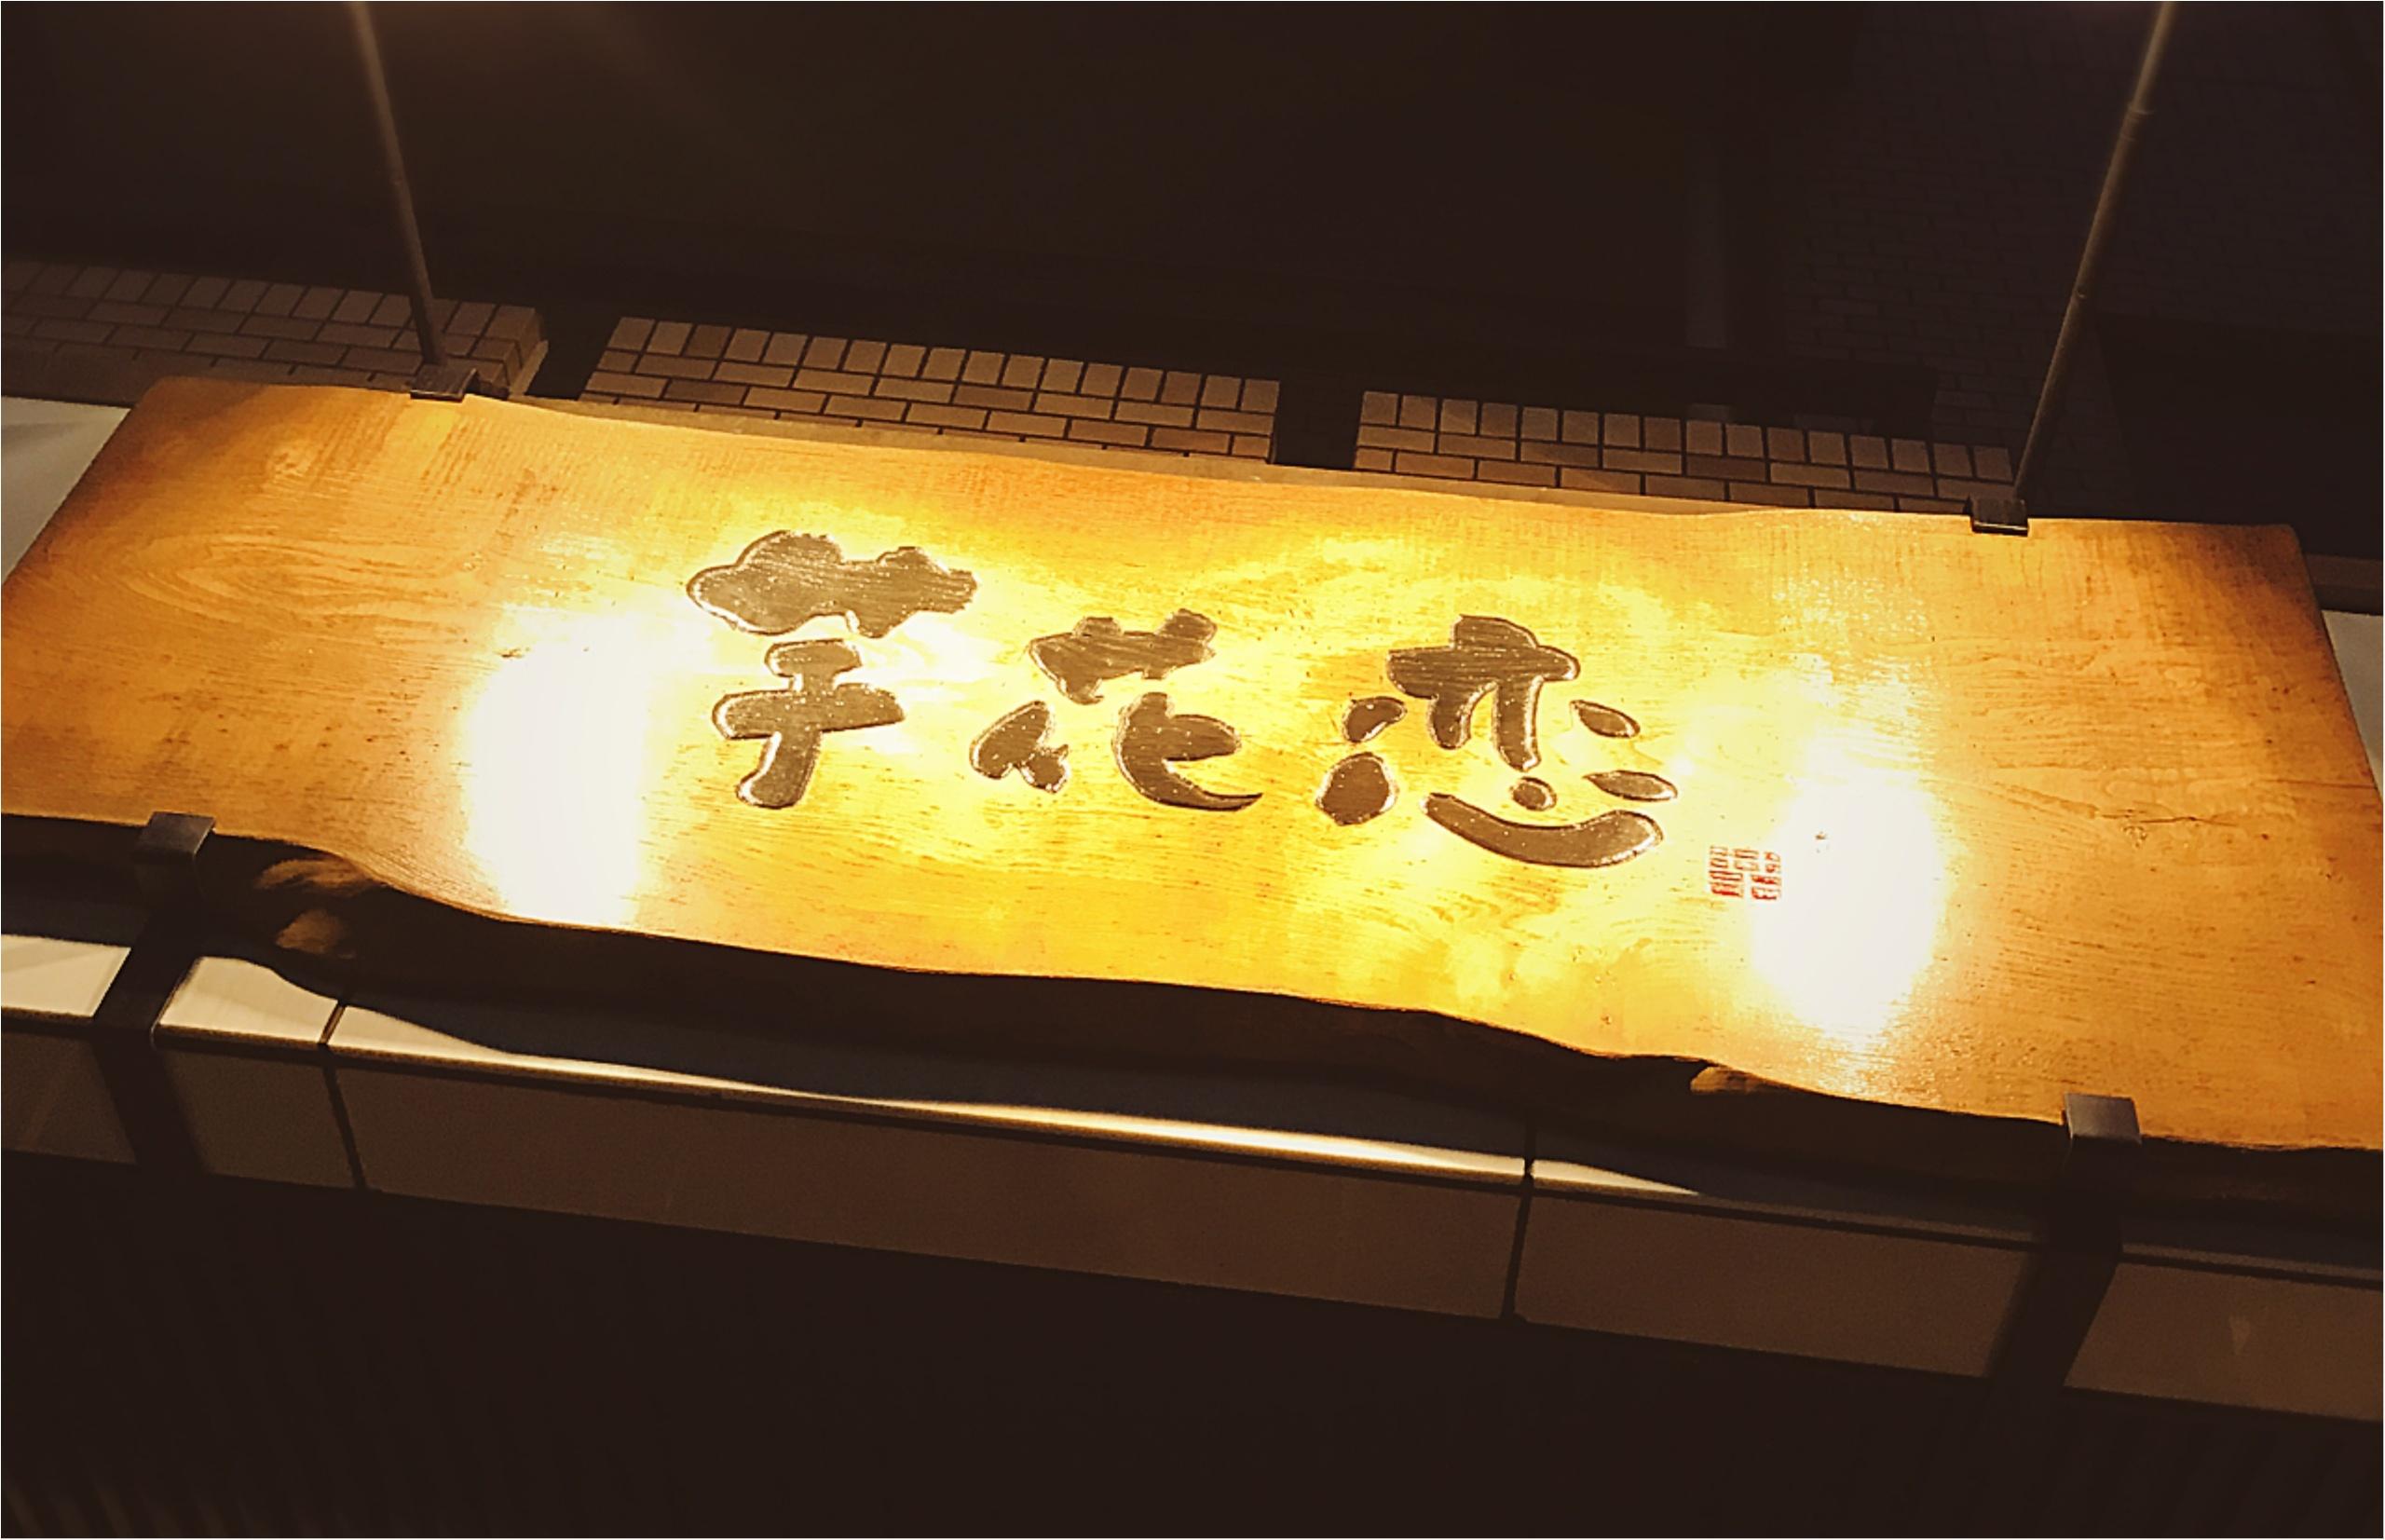 ★お芋好き必見!名古屋のさつま芋スイーツ宝庫はココ!『芋花恋』は行くべきスポットで間違いなし★_1